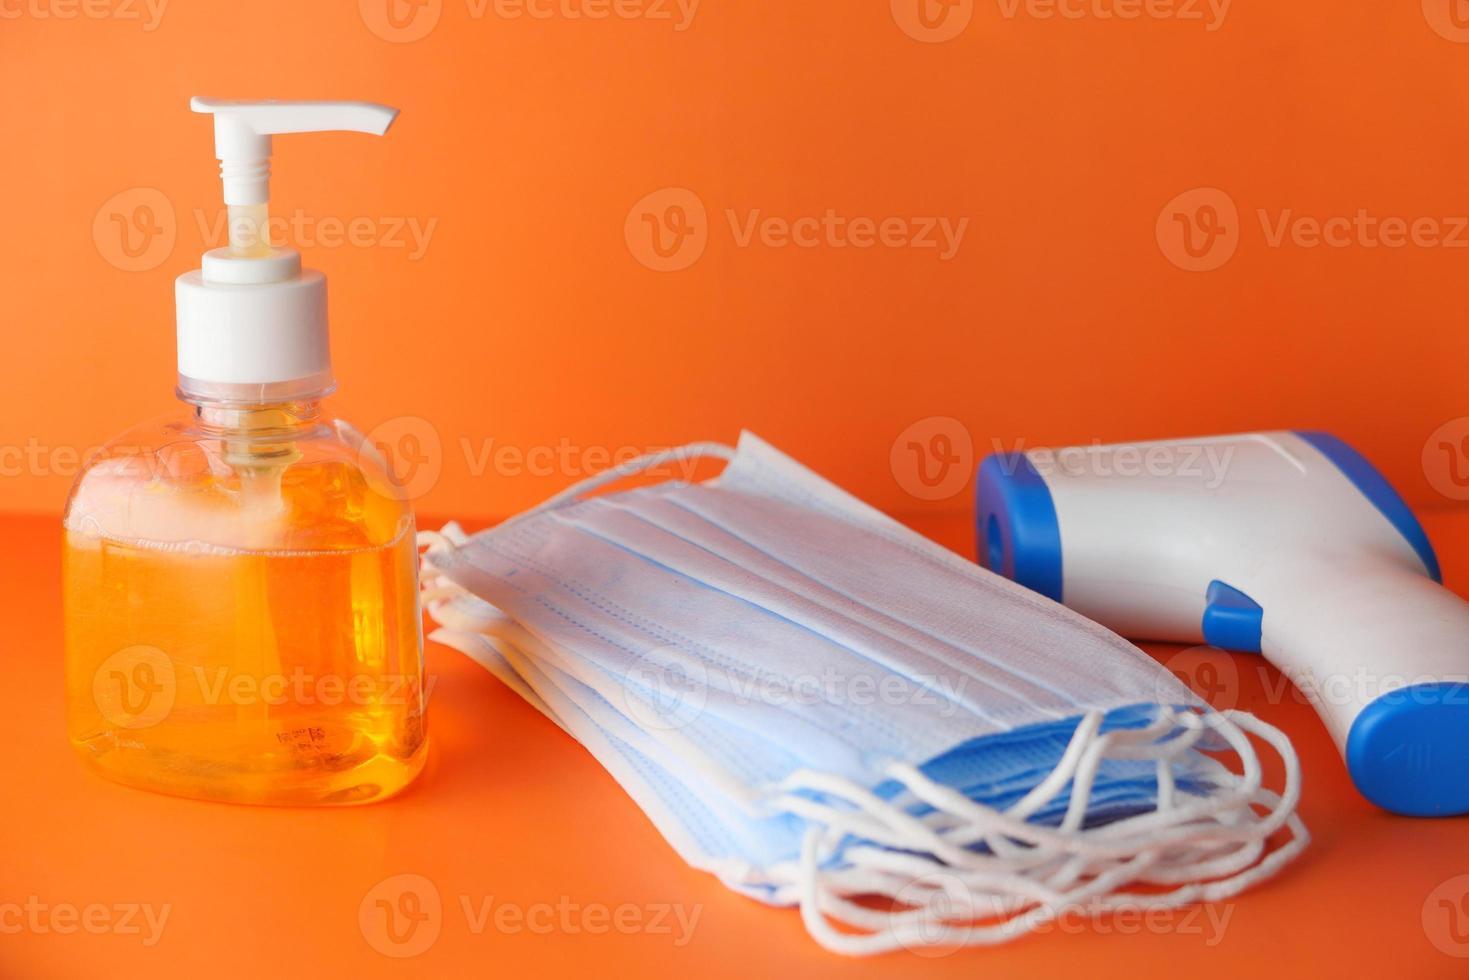 máscaras e desinfetante para as mãos em fundo laranja foto